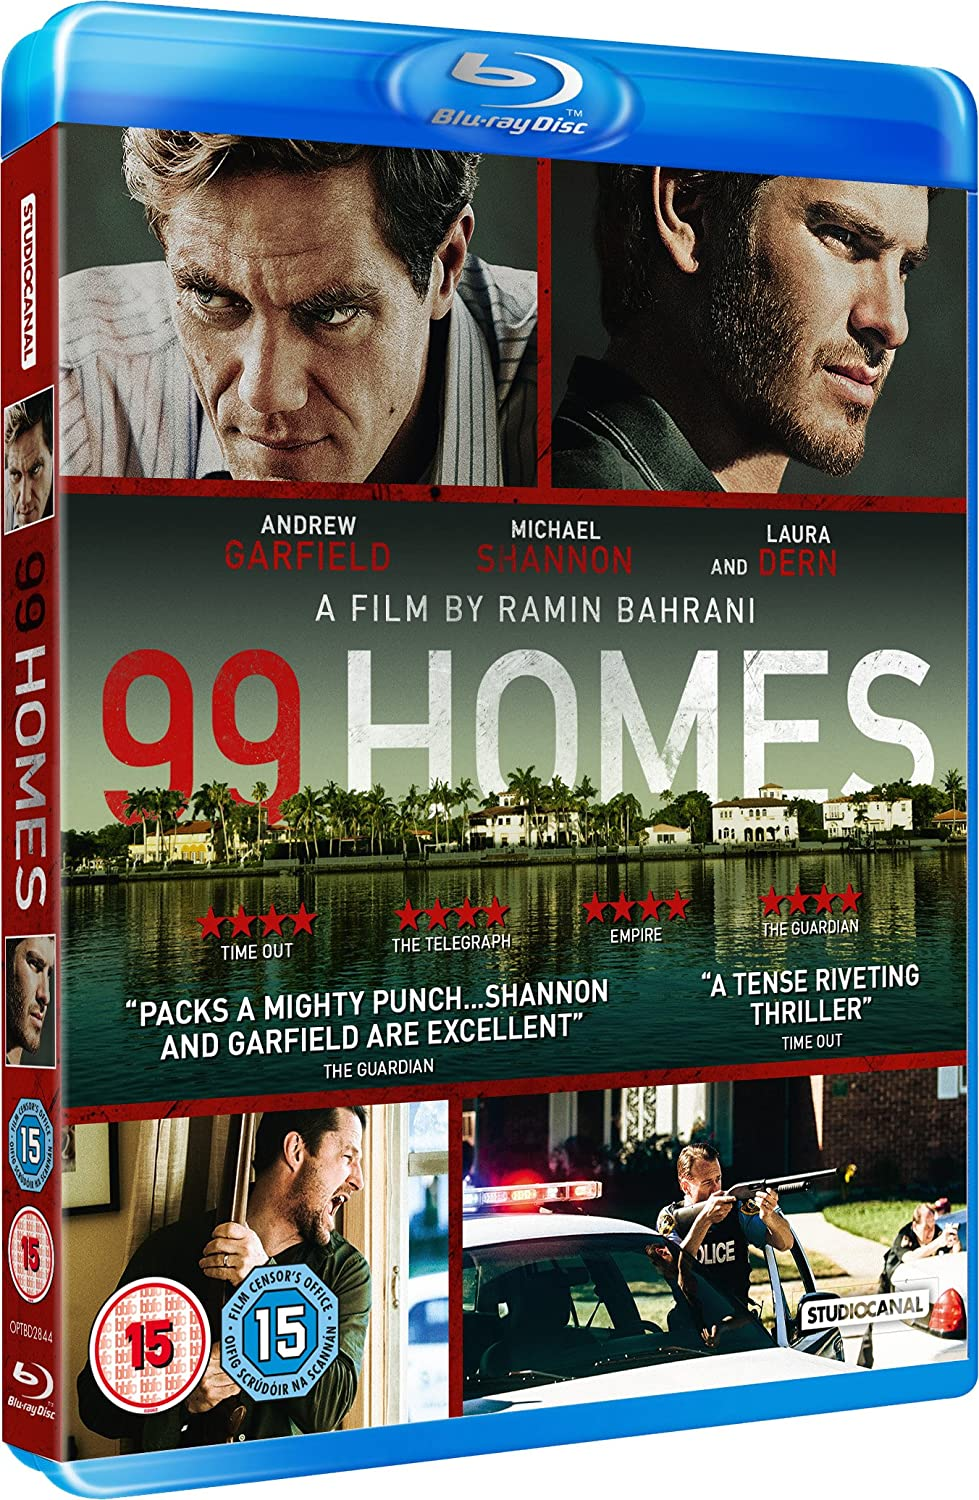 99 Homes (2014) VU Untouched 1080p AVC ENG DTS-HD MA 5.1 ITA ENG AC3 ITA ENG Sub PirateMKV